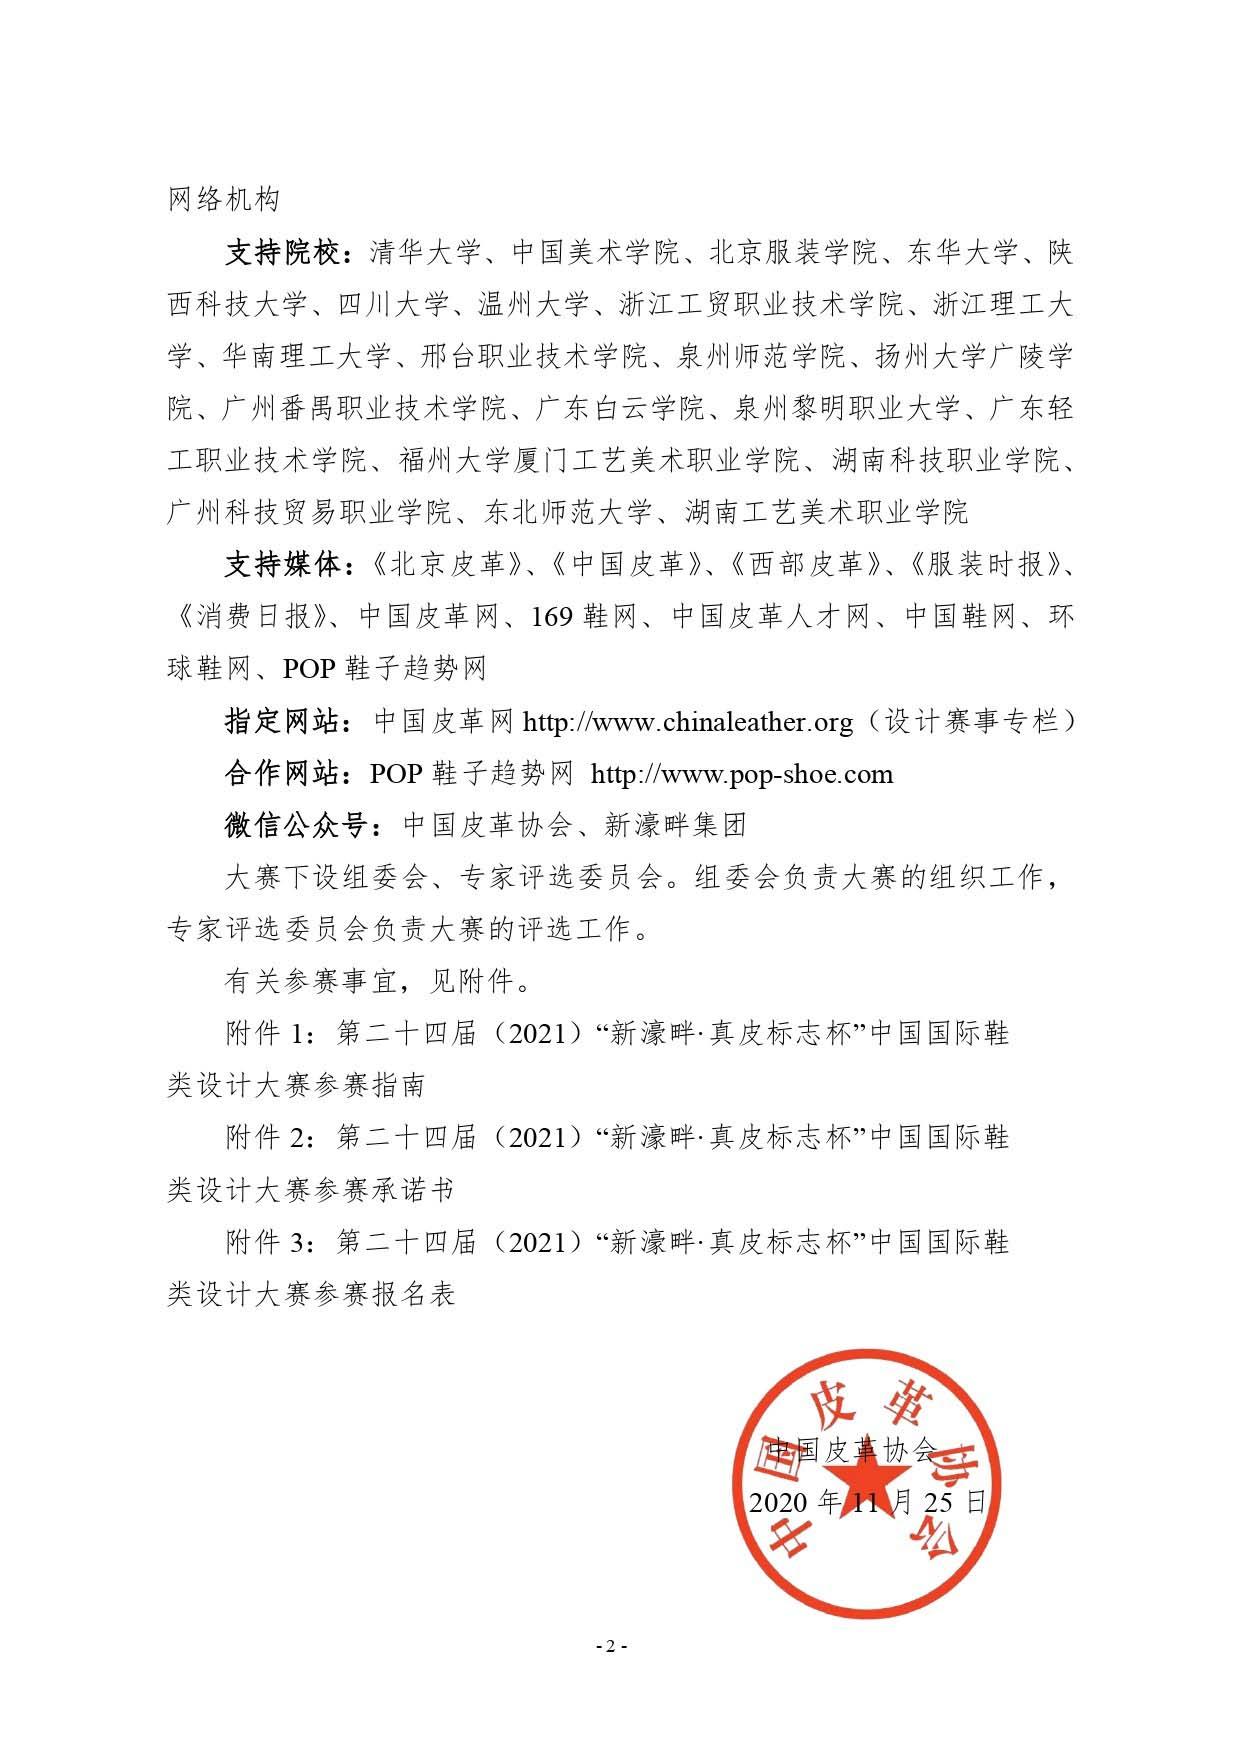 第二十四届(2021)真皮标志杯鞋类大赛通知2020.11.25.印刷版_page-0002.jpg